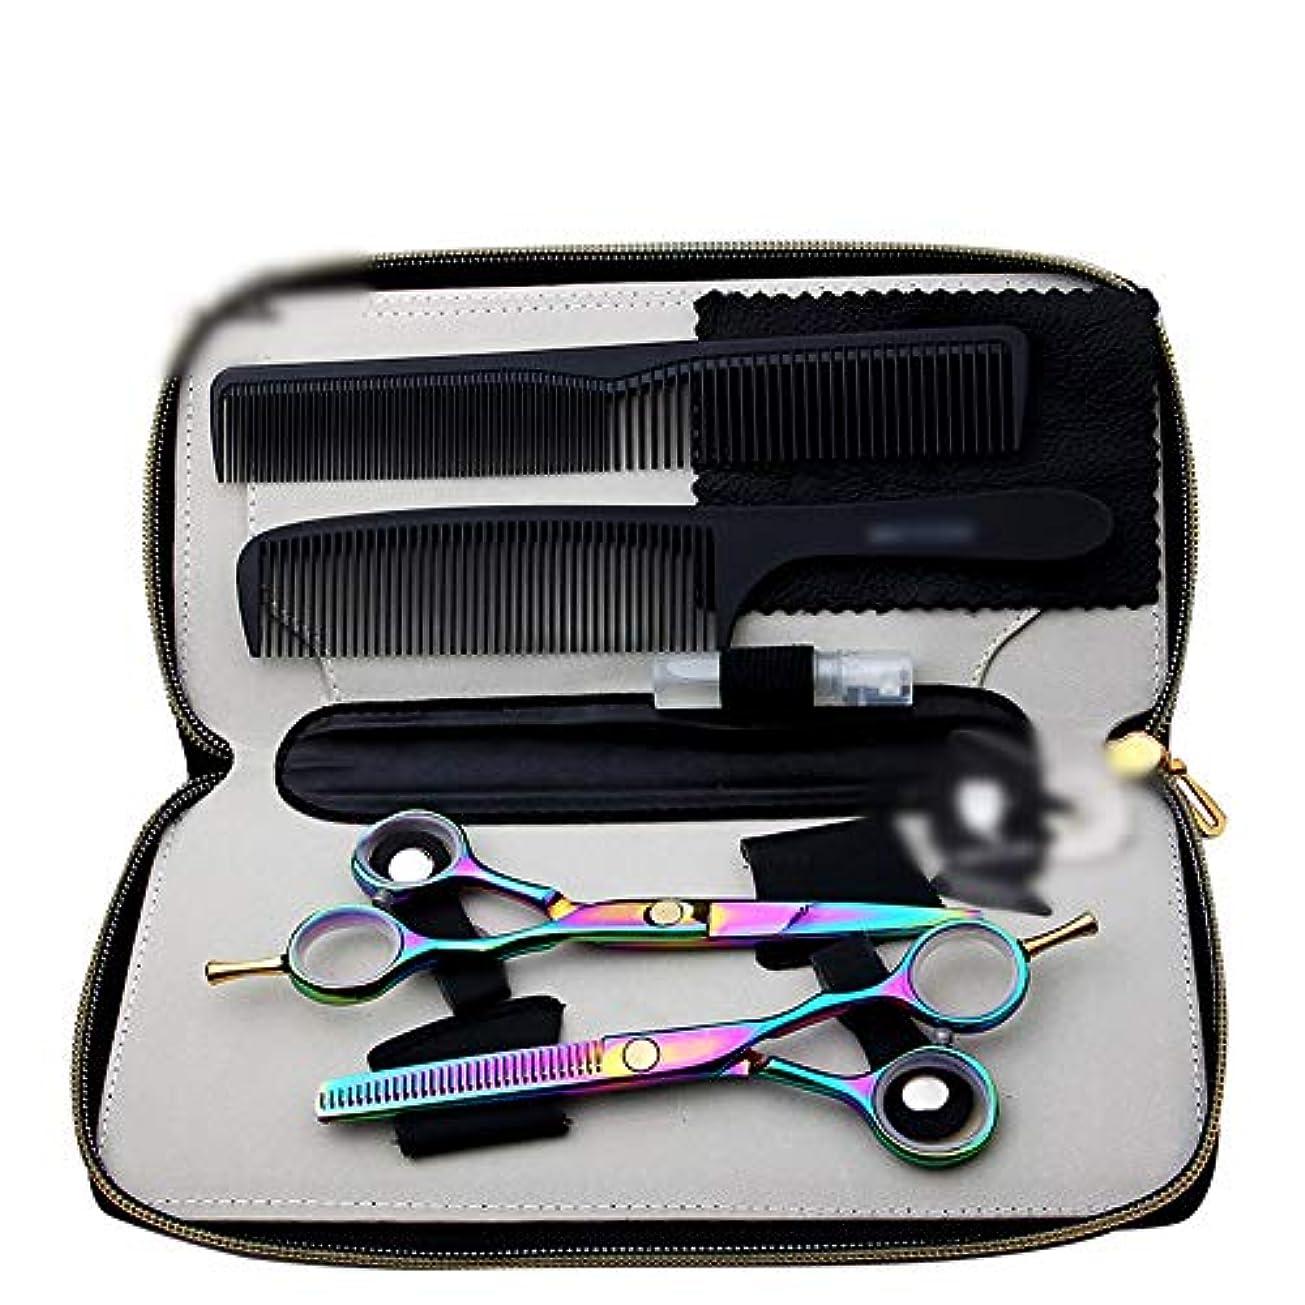 セラフフロー叙情的なカラフルな5.5インチはさみセット、カラープロフェッショナル理髪はさみ、フラット+歯シザーツールセット ヘアケア (色 : 色)